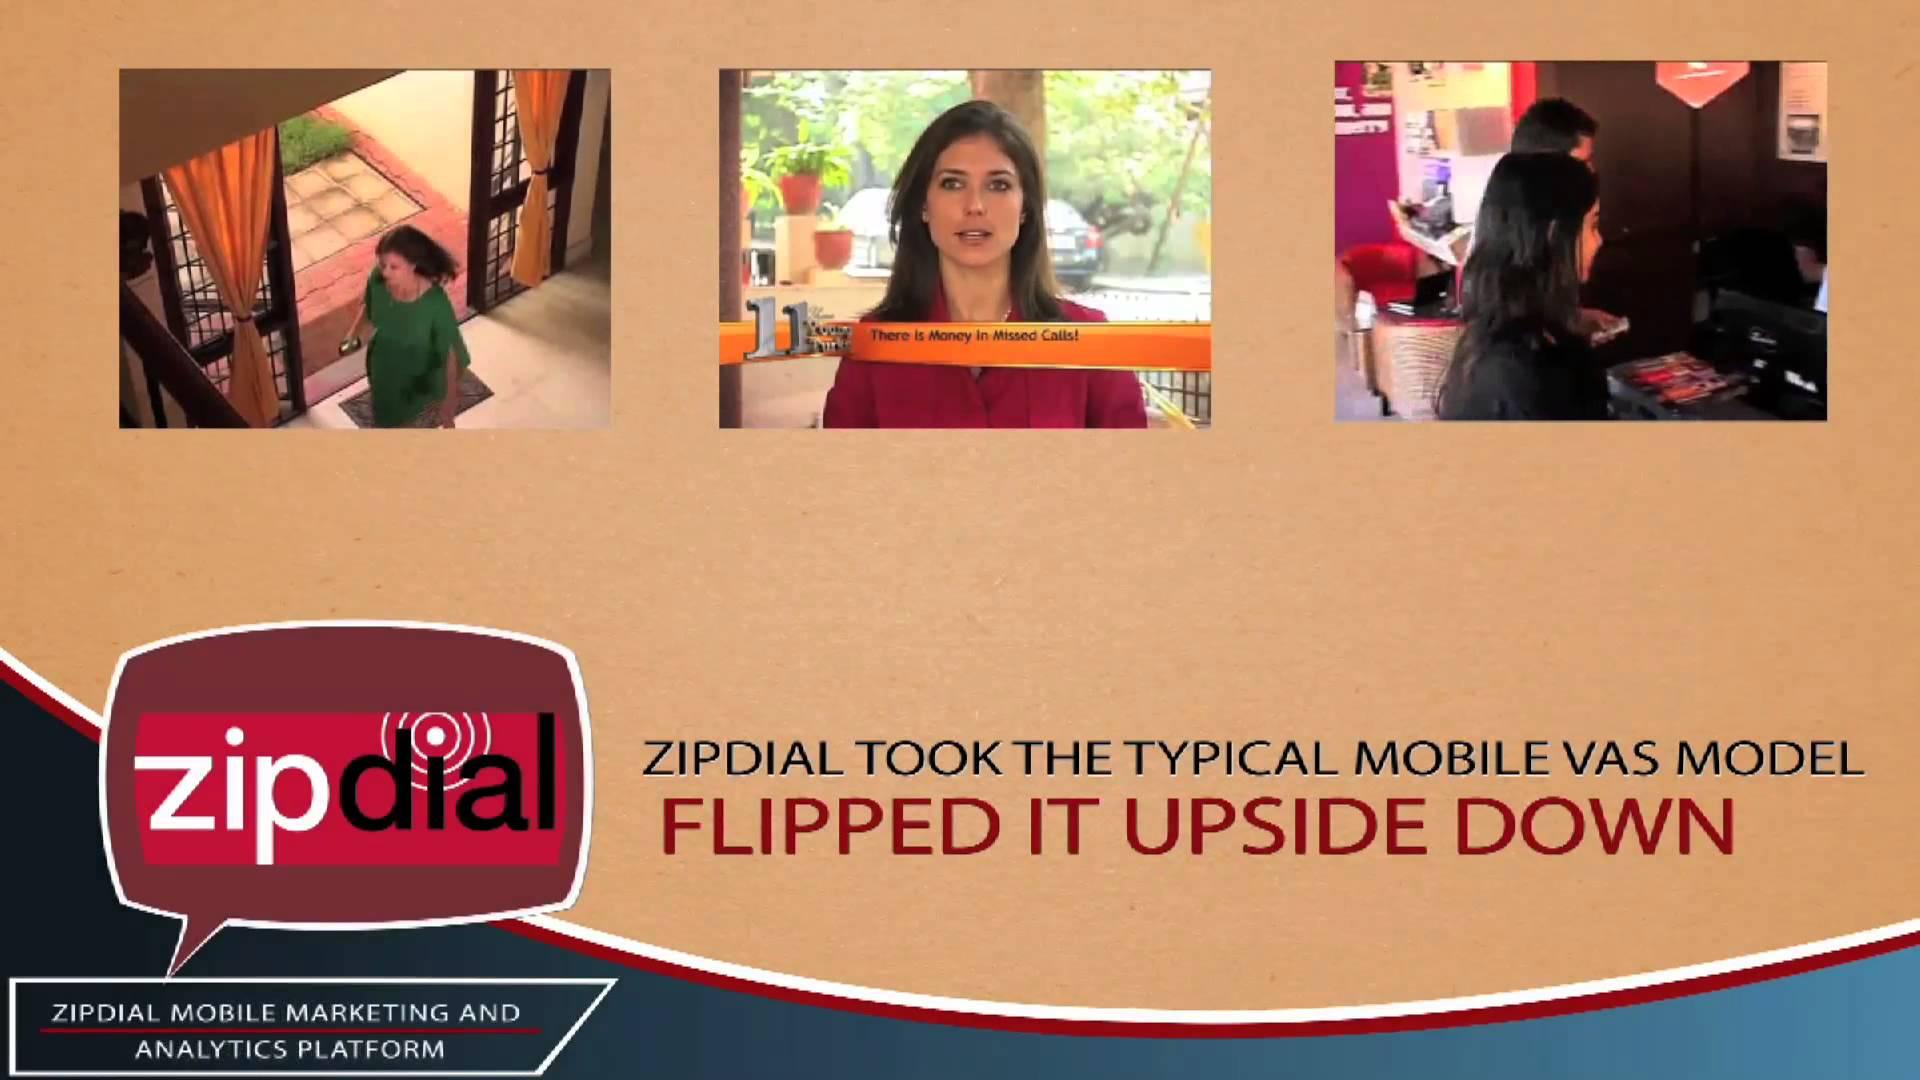 Twitter anunció la compra de ZipDial y pretende expandir su plataforma a mil millones de usuarios activos.